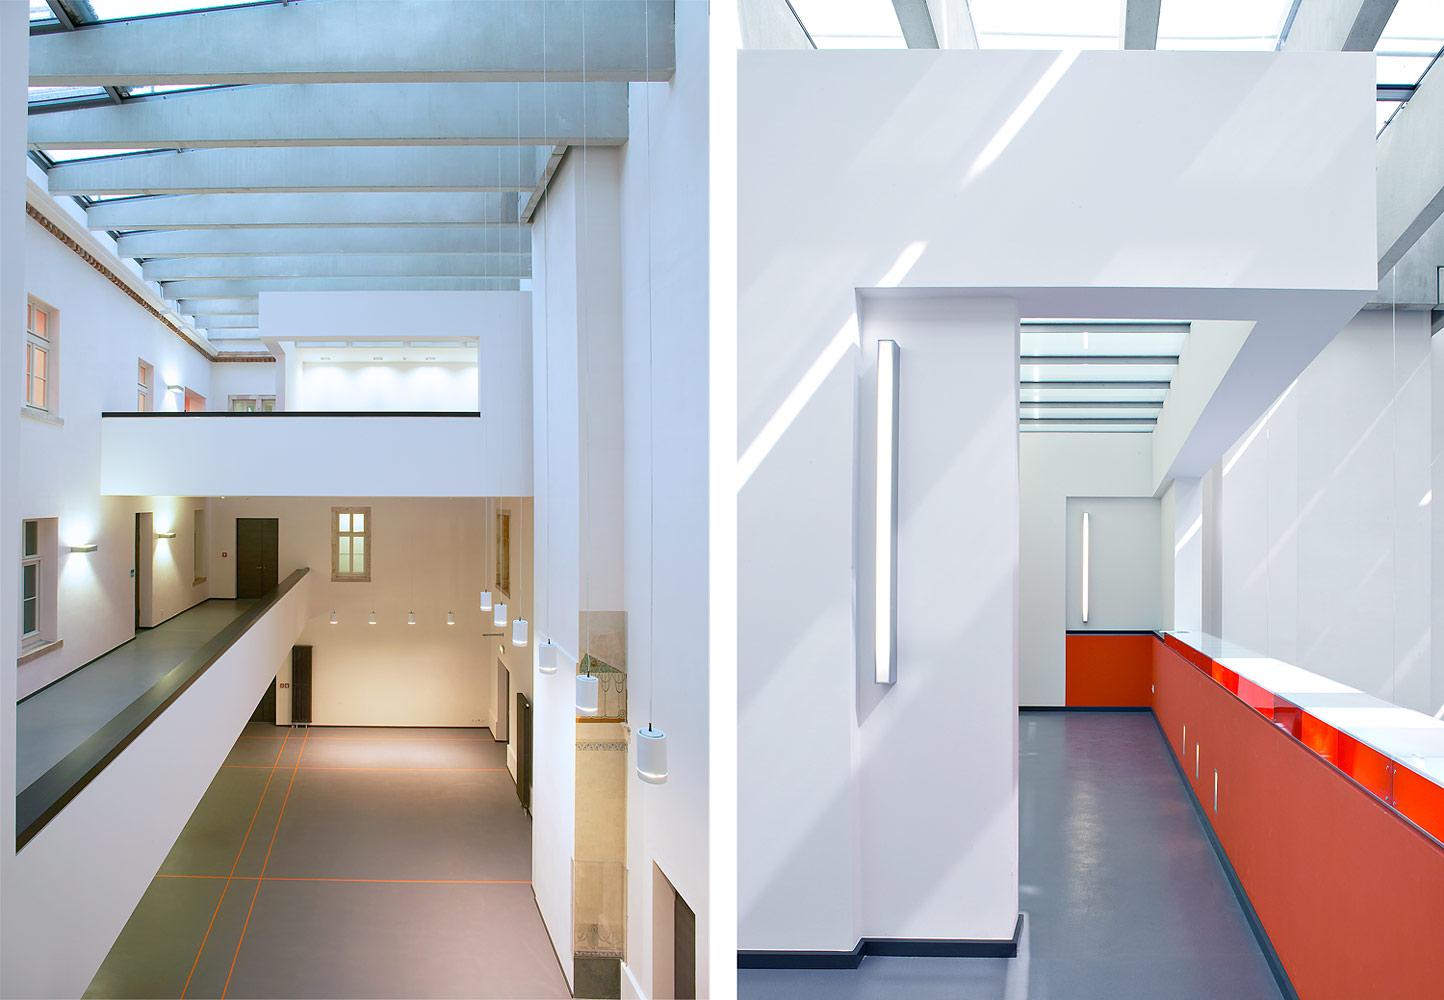 Architekturfotografie-Mirko Hertel Fotografie 08